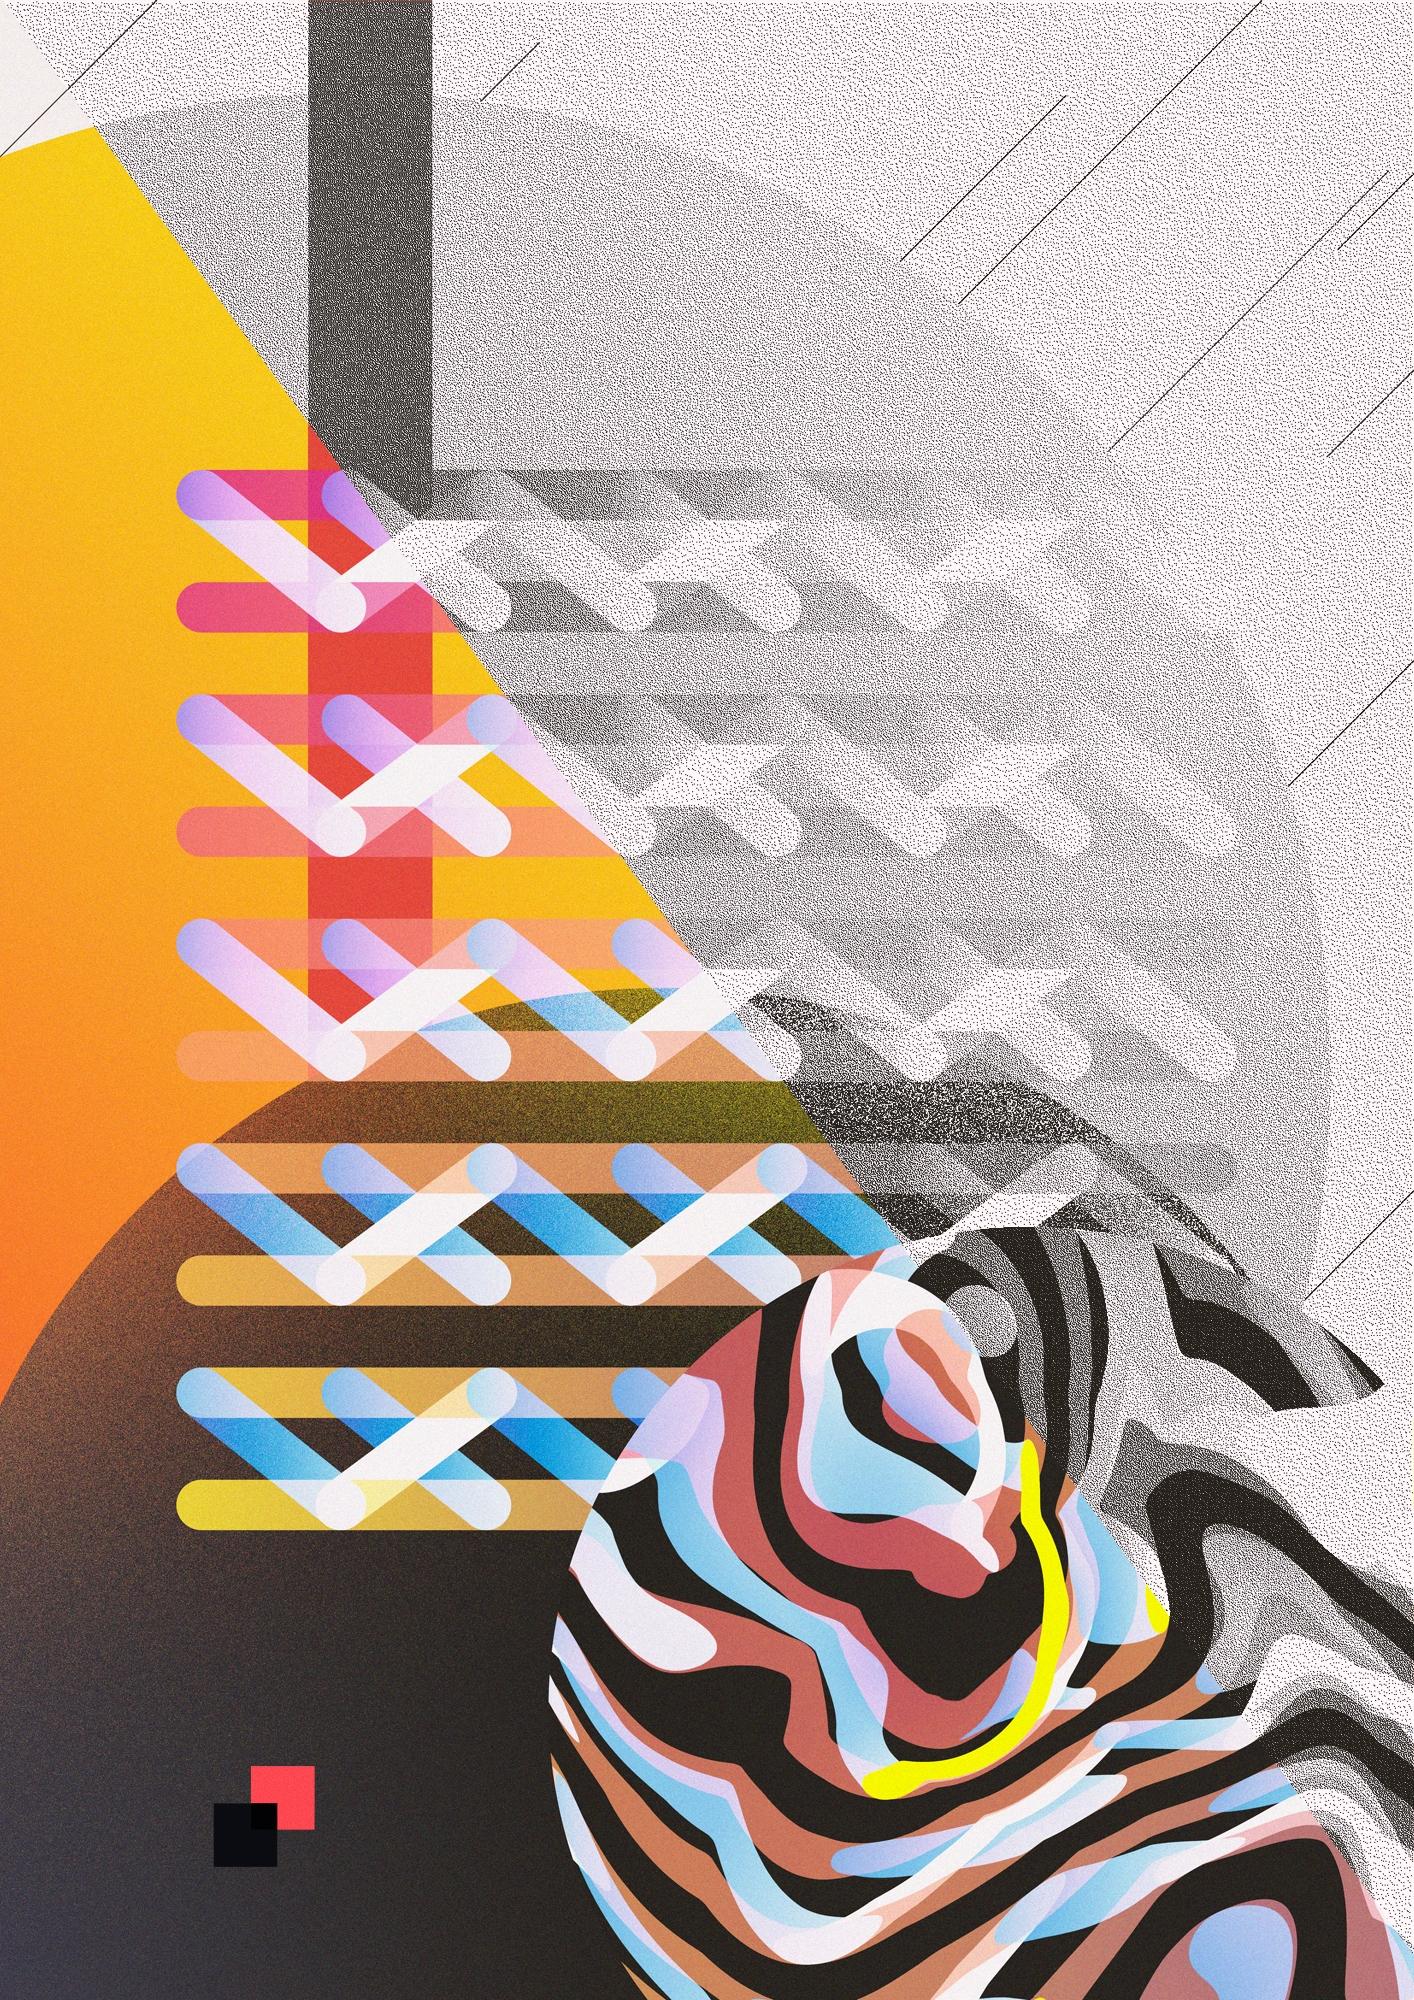 85 - 365, design, everyday, poster - theradya | ello